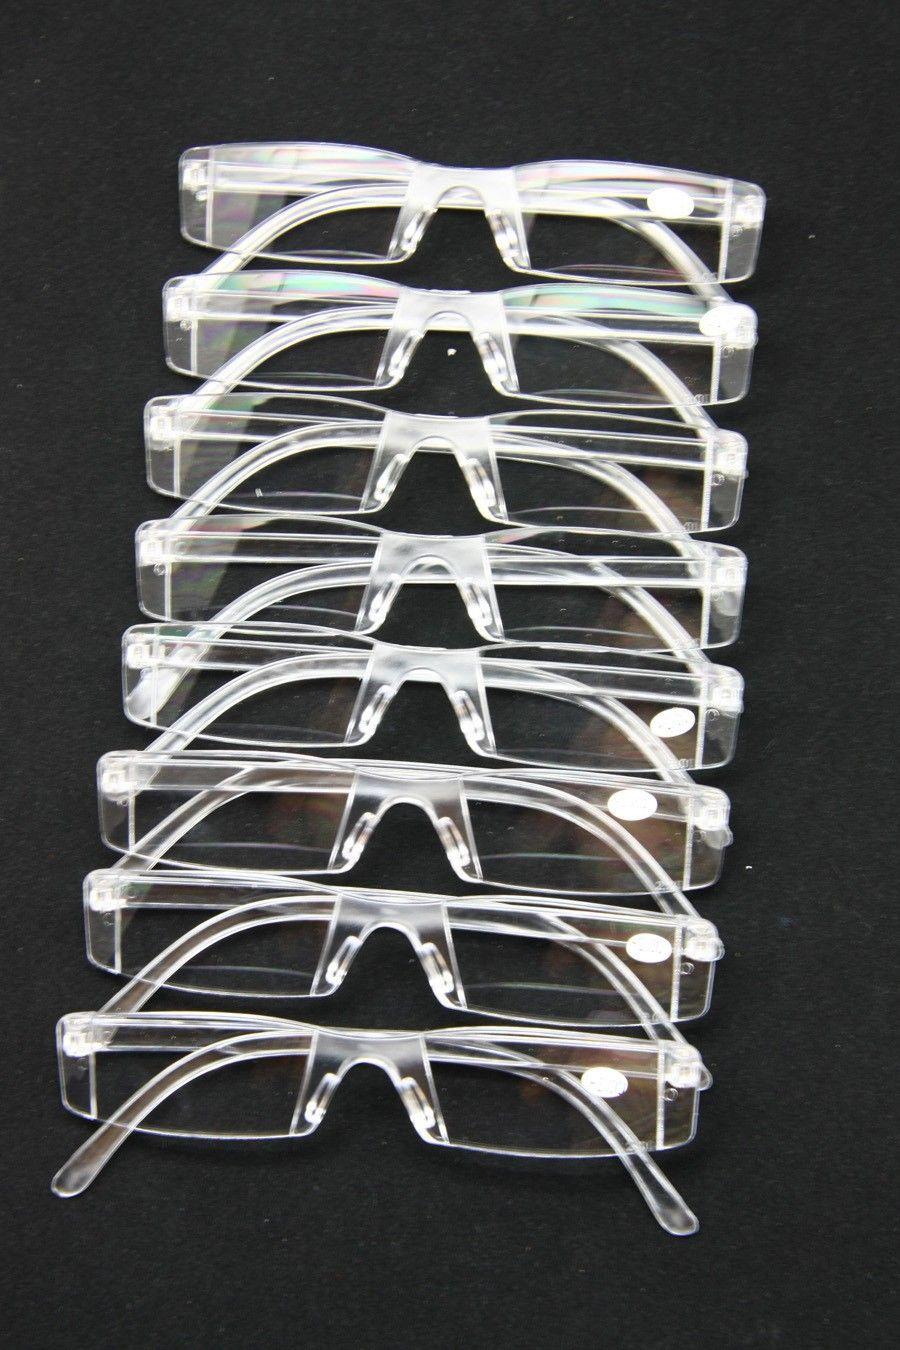 Obrännbara män kvinnor läser glasögon, transparent plast Rimless presbyopia fickläsare, + rx optiska glasögon för åldrande människor, senior